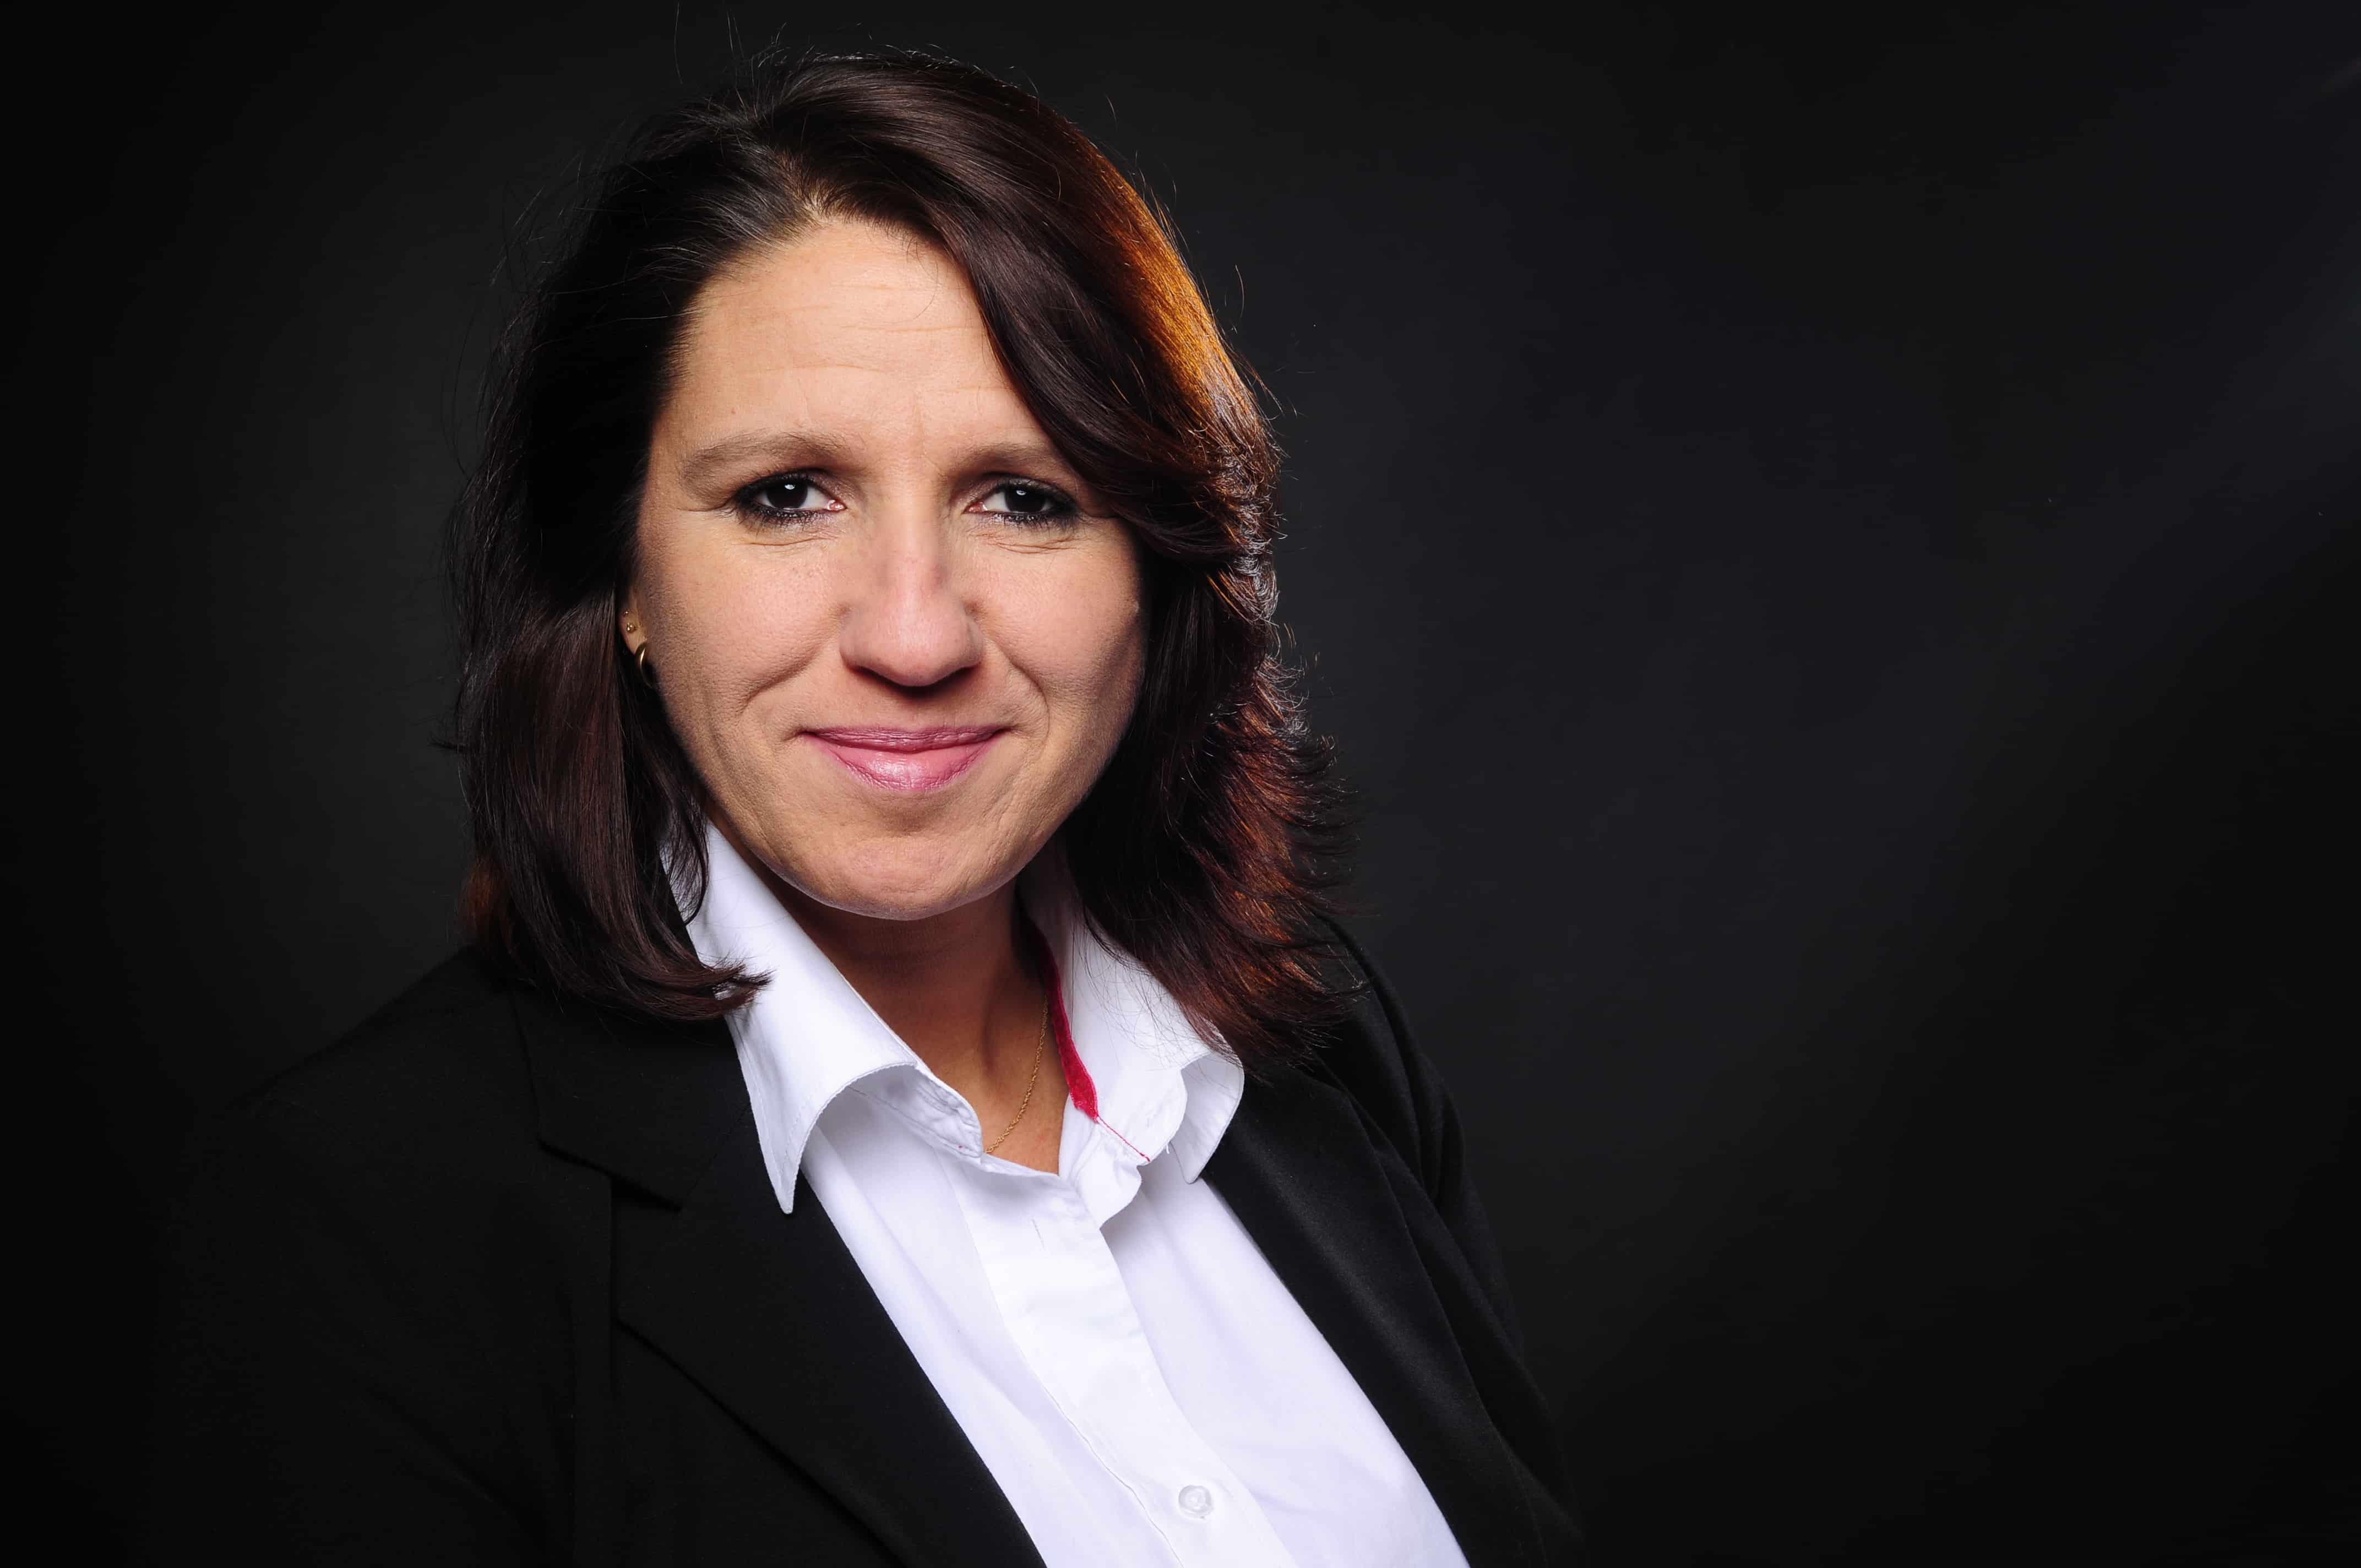 Silvia Füßl | Personalentwicklung, Organisationsentwicklung für kleine und mittelständische Unternehmen. Privatcoaching, tiergestütztes Coaching (c) safestata.de